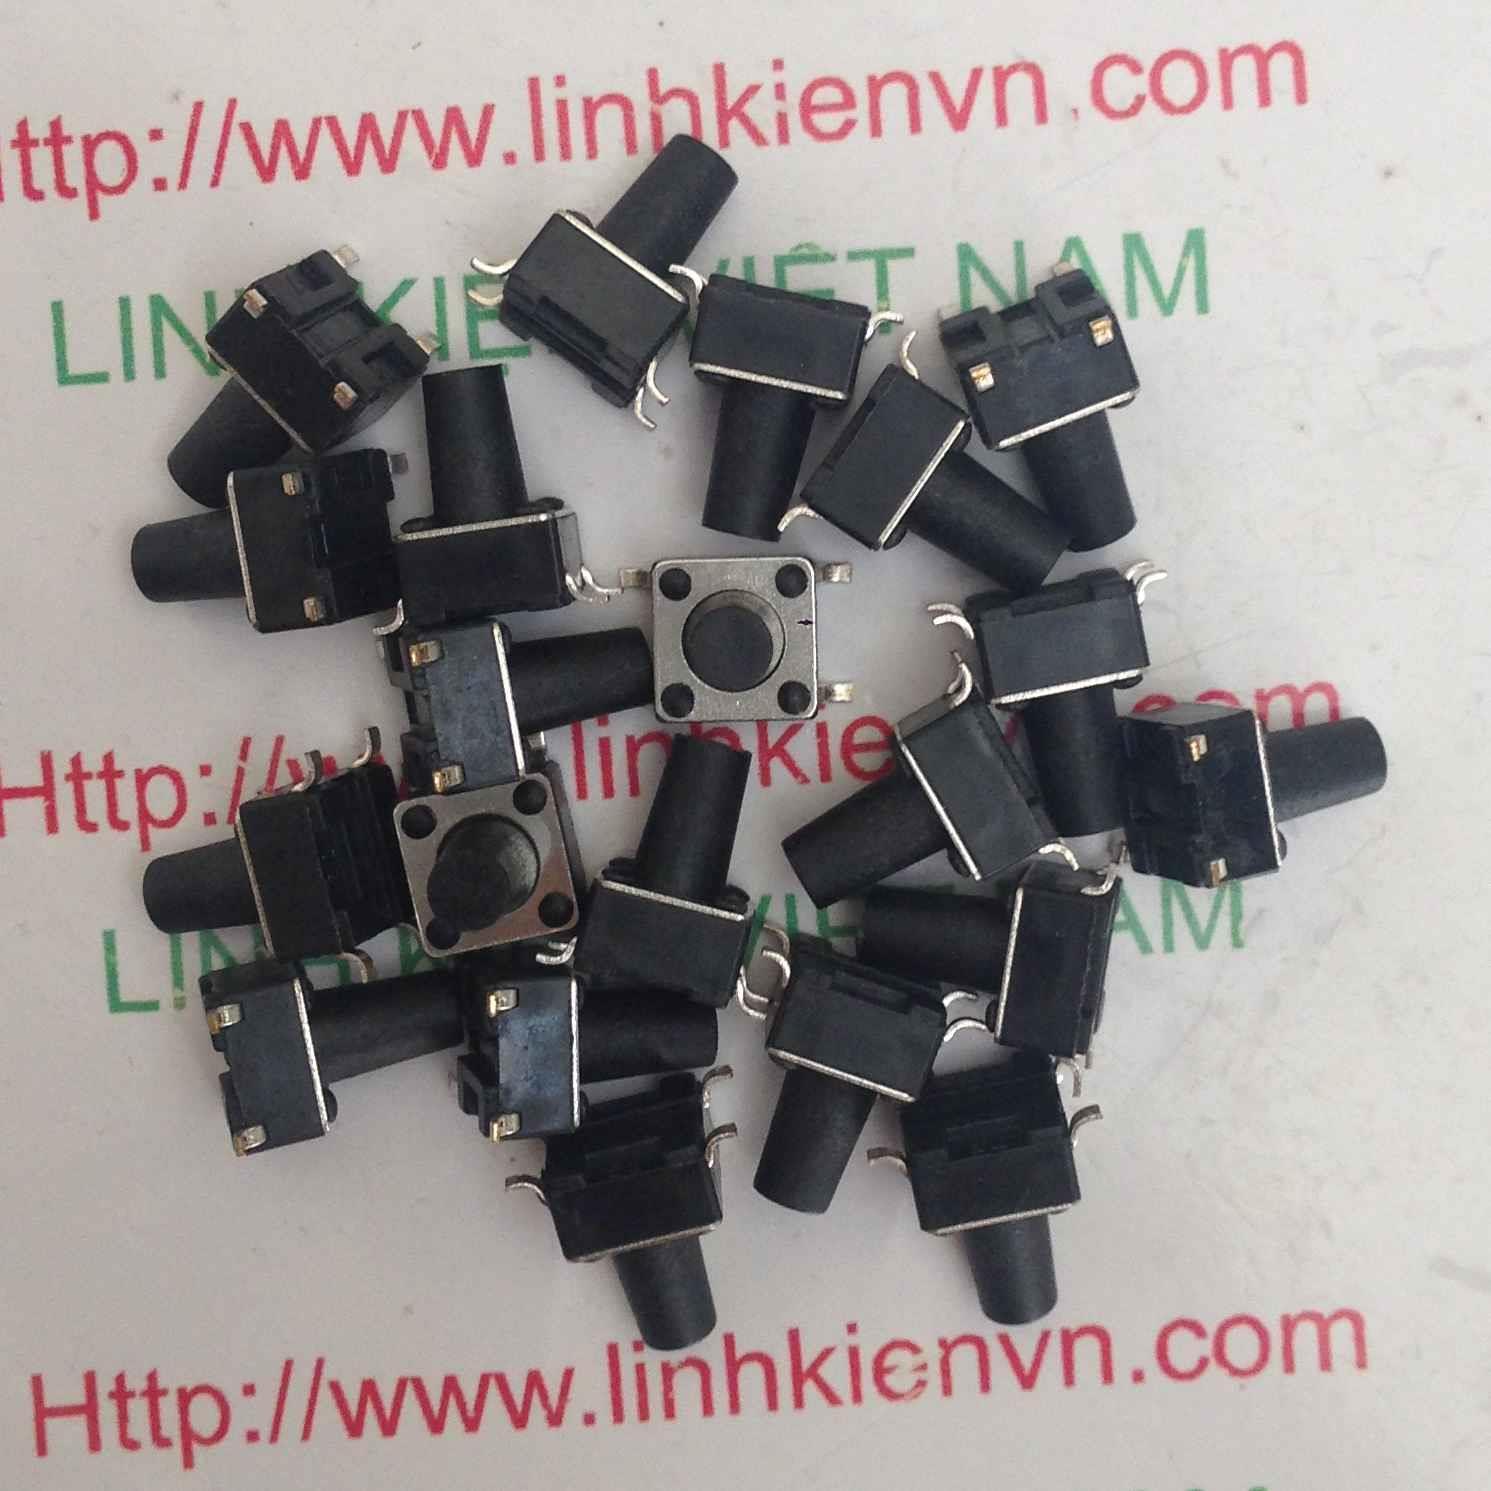 Nút nhấn 4 chân SMD 6x6x9H / Nút bấm 4 chân SMD 6x6x9H - D4H9